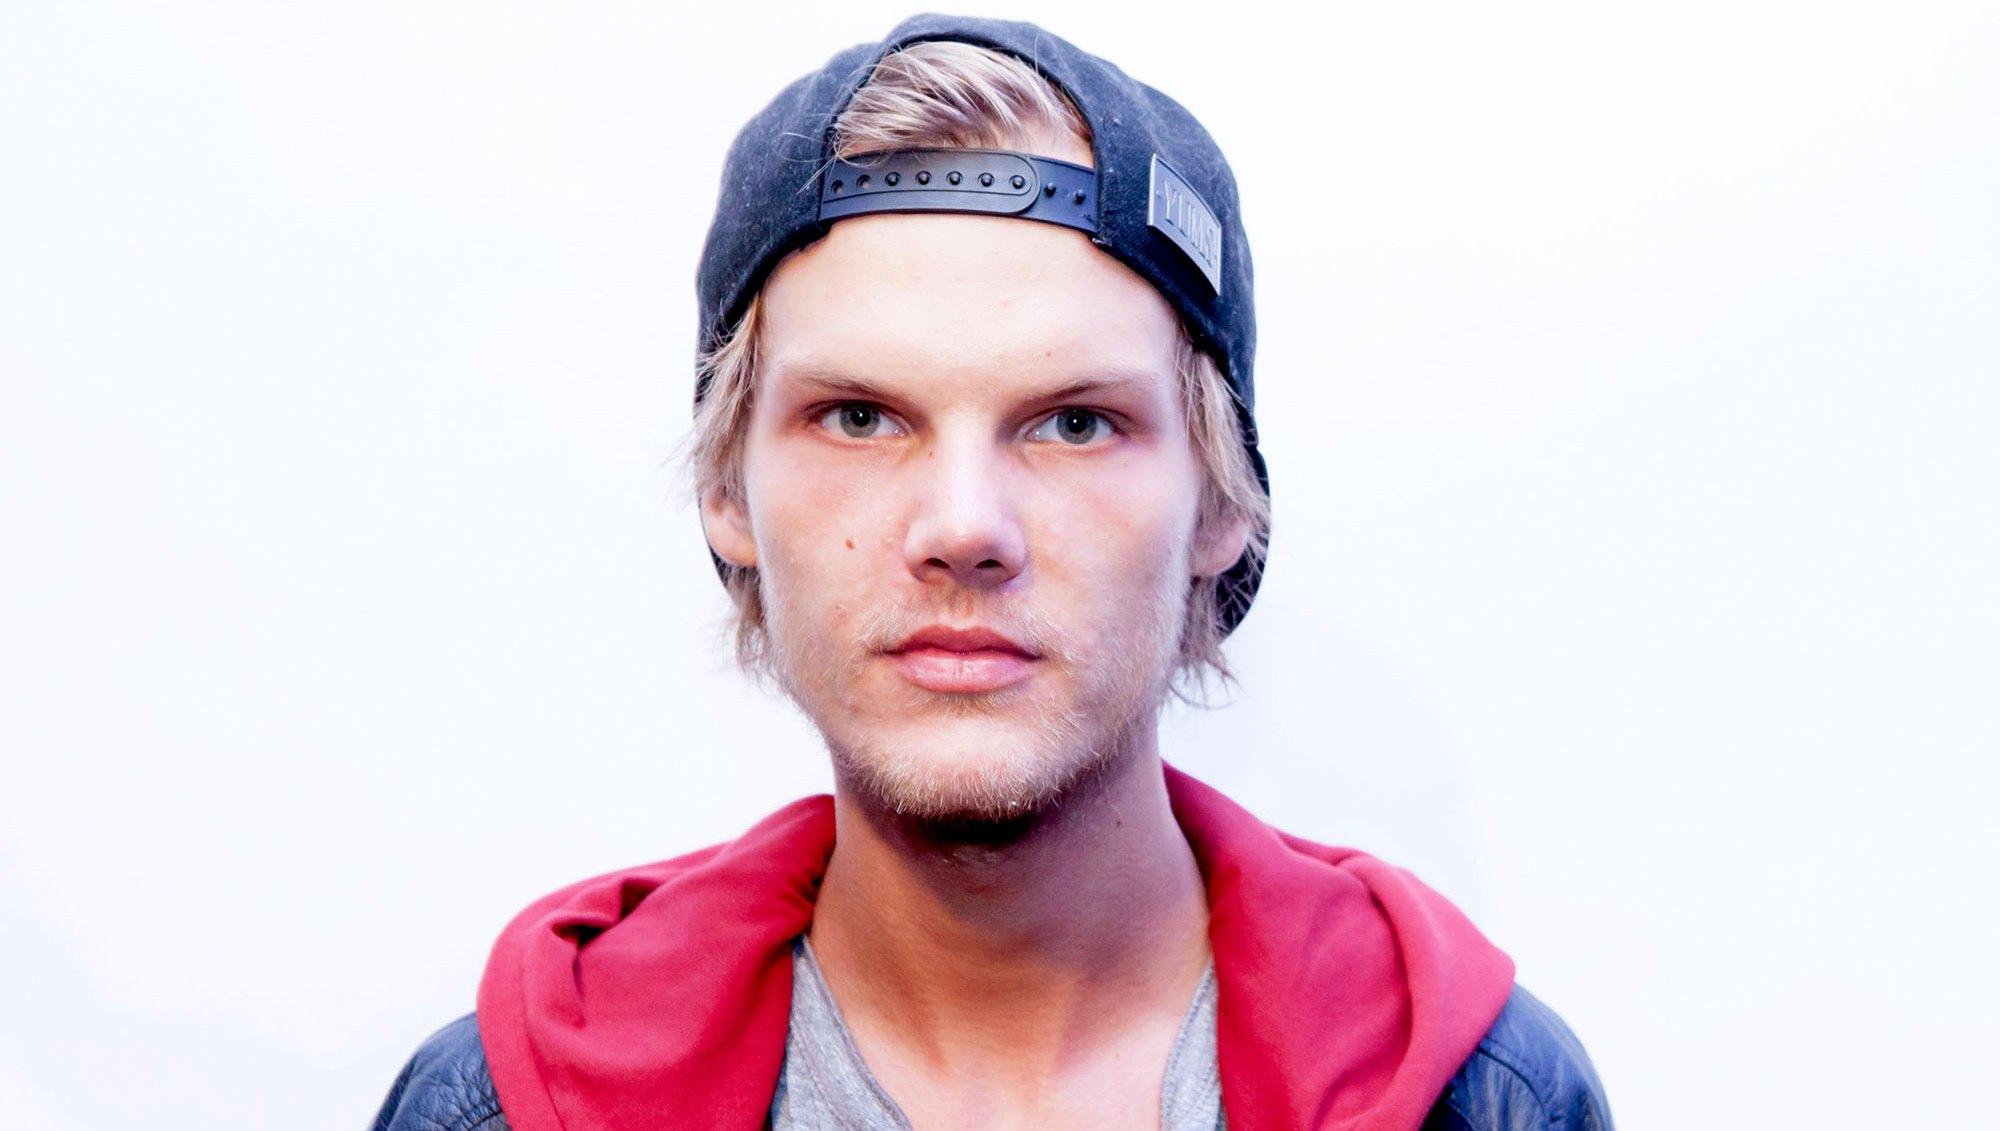 avicii slam VMAs 2018 late swedish dj